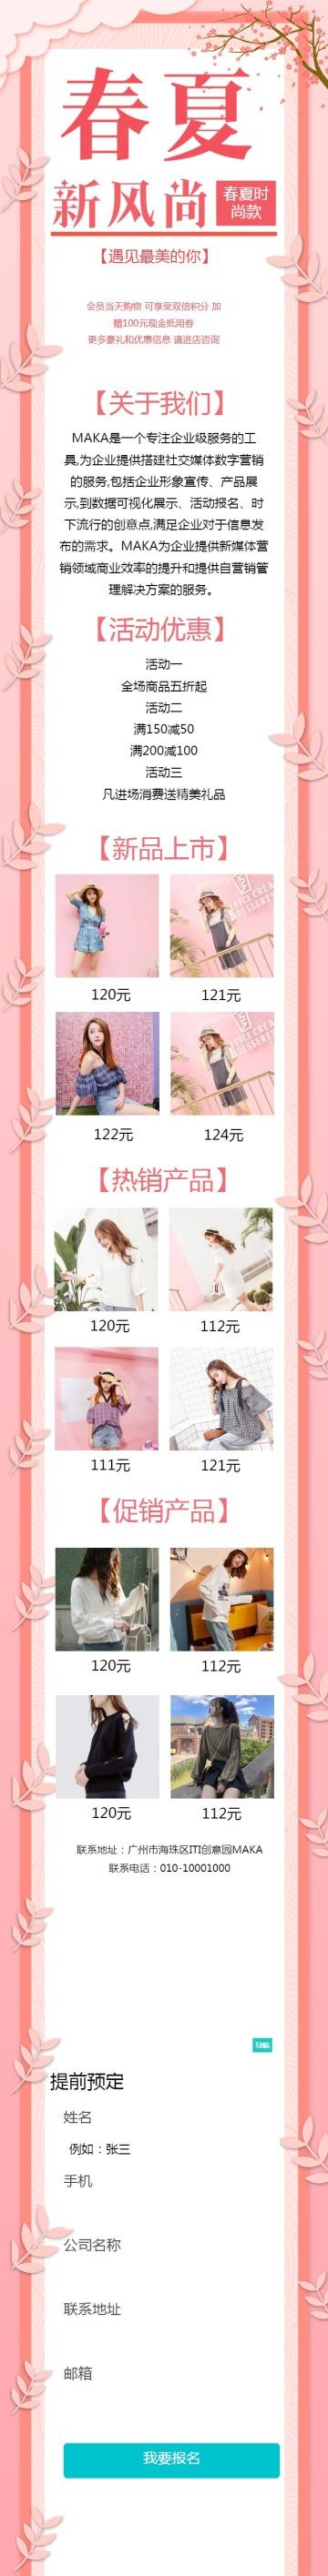 红色唯美浪漫春夏上新商家产品促销宣传单页